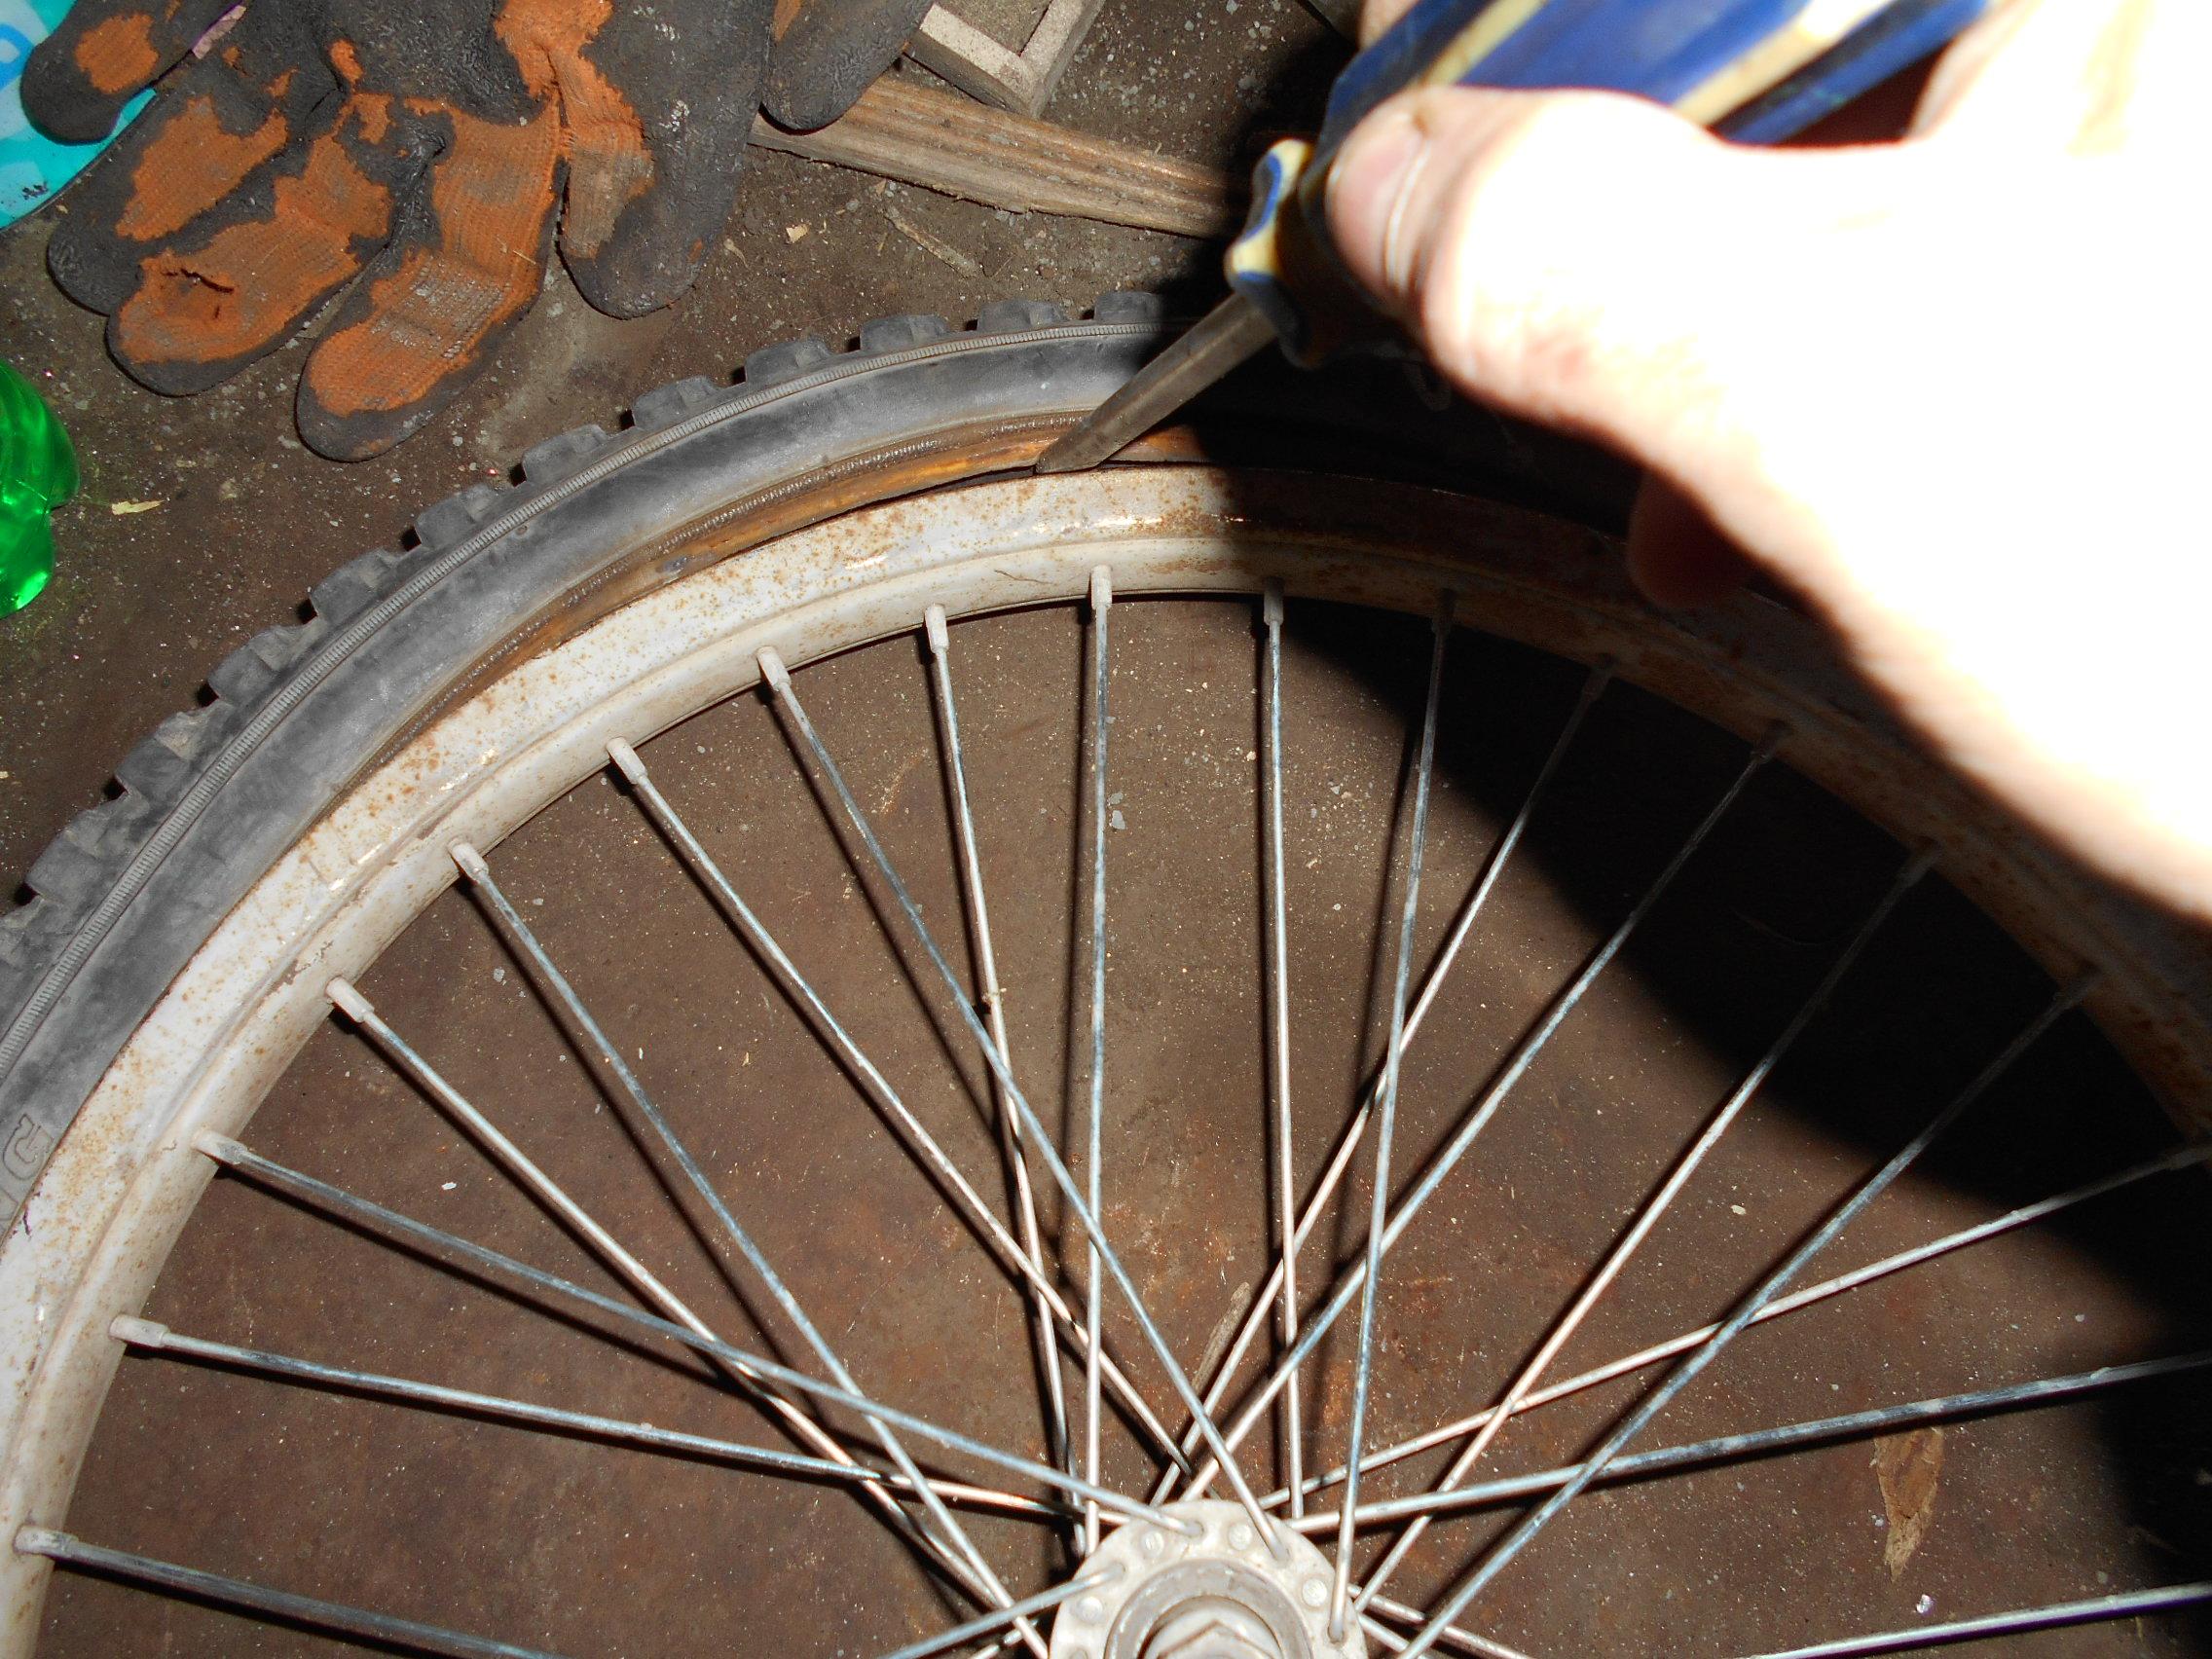 Как заклеить шину: варианты проколов, мастер-класс 36